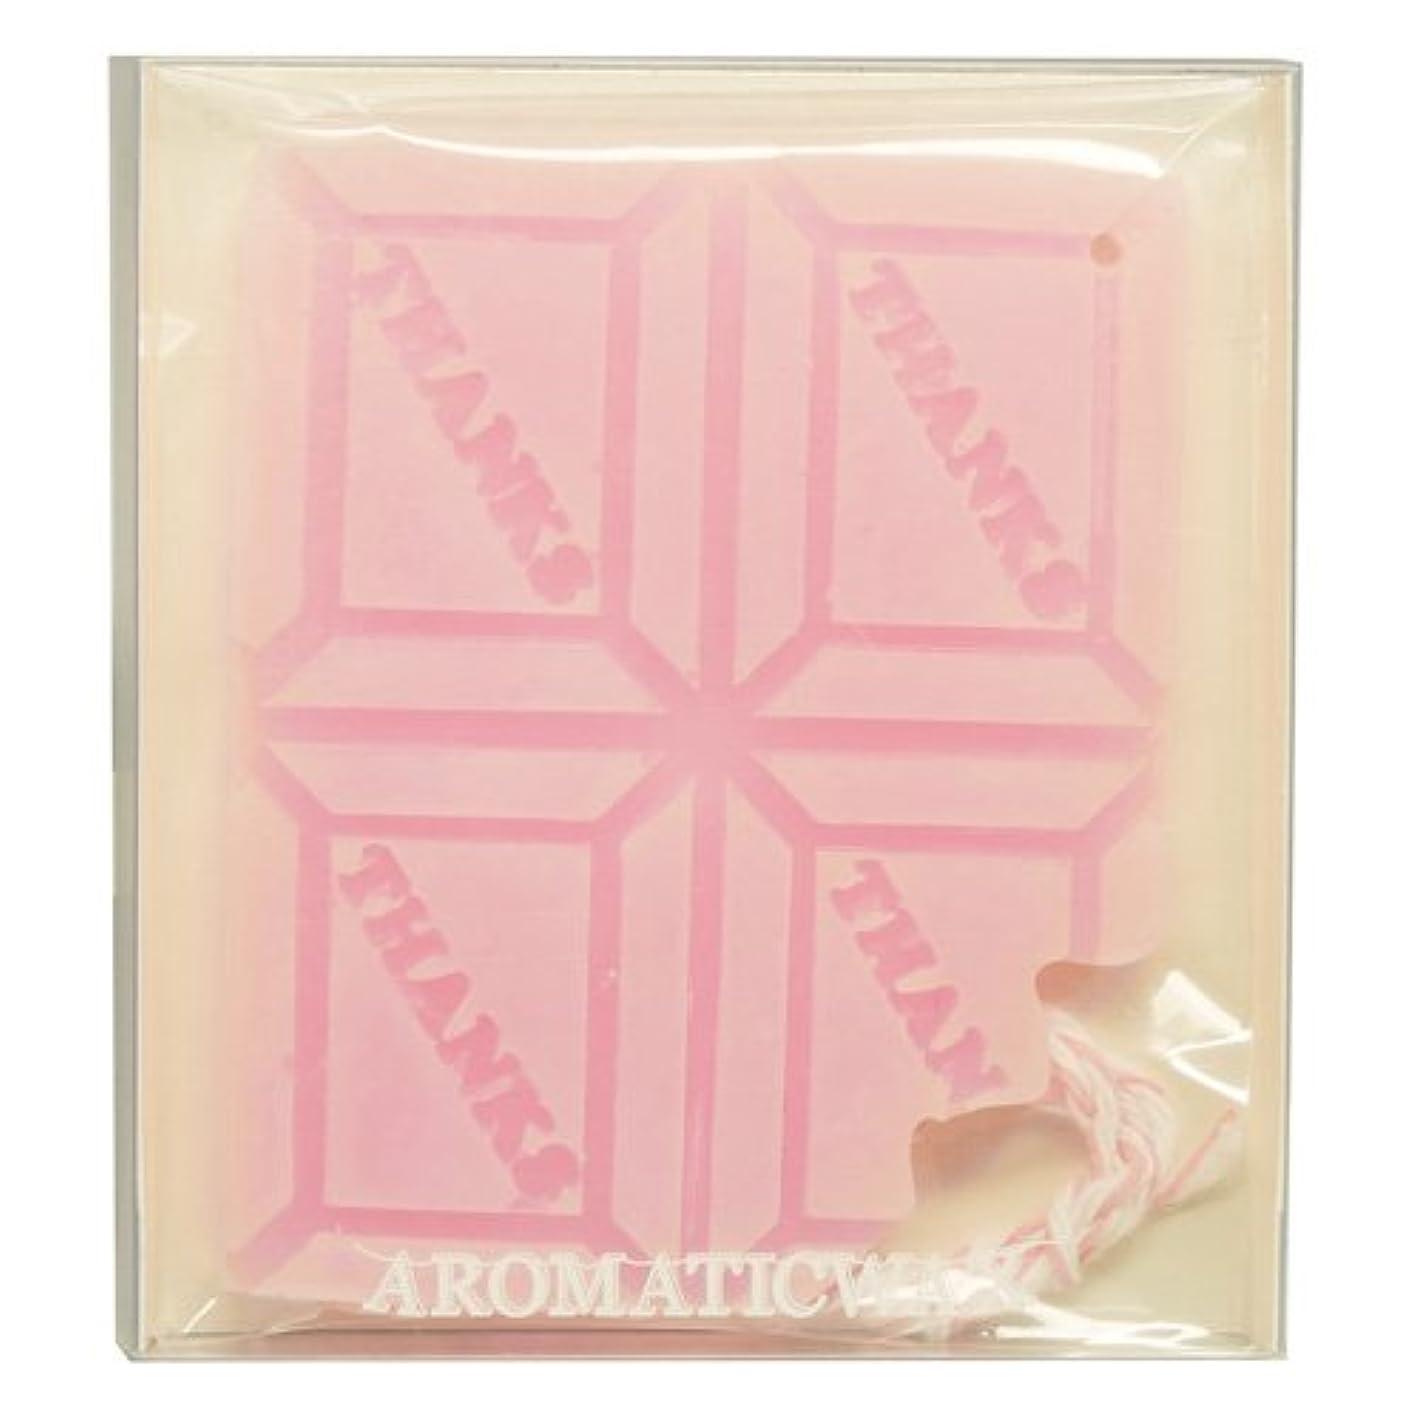 十代文騒GRASSE TOKYO AROMATICWAXチャーム「板チョコ(THANKS)」(PI) ゼラニウム アロマティックワックス グラーストウキョウ